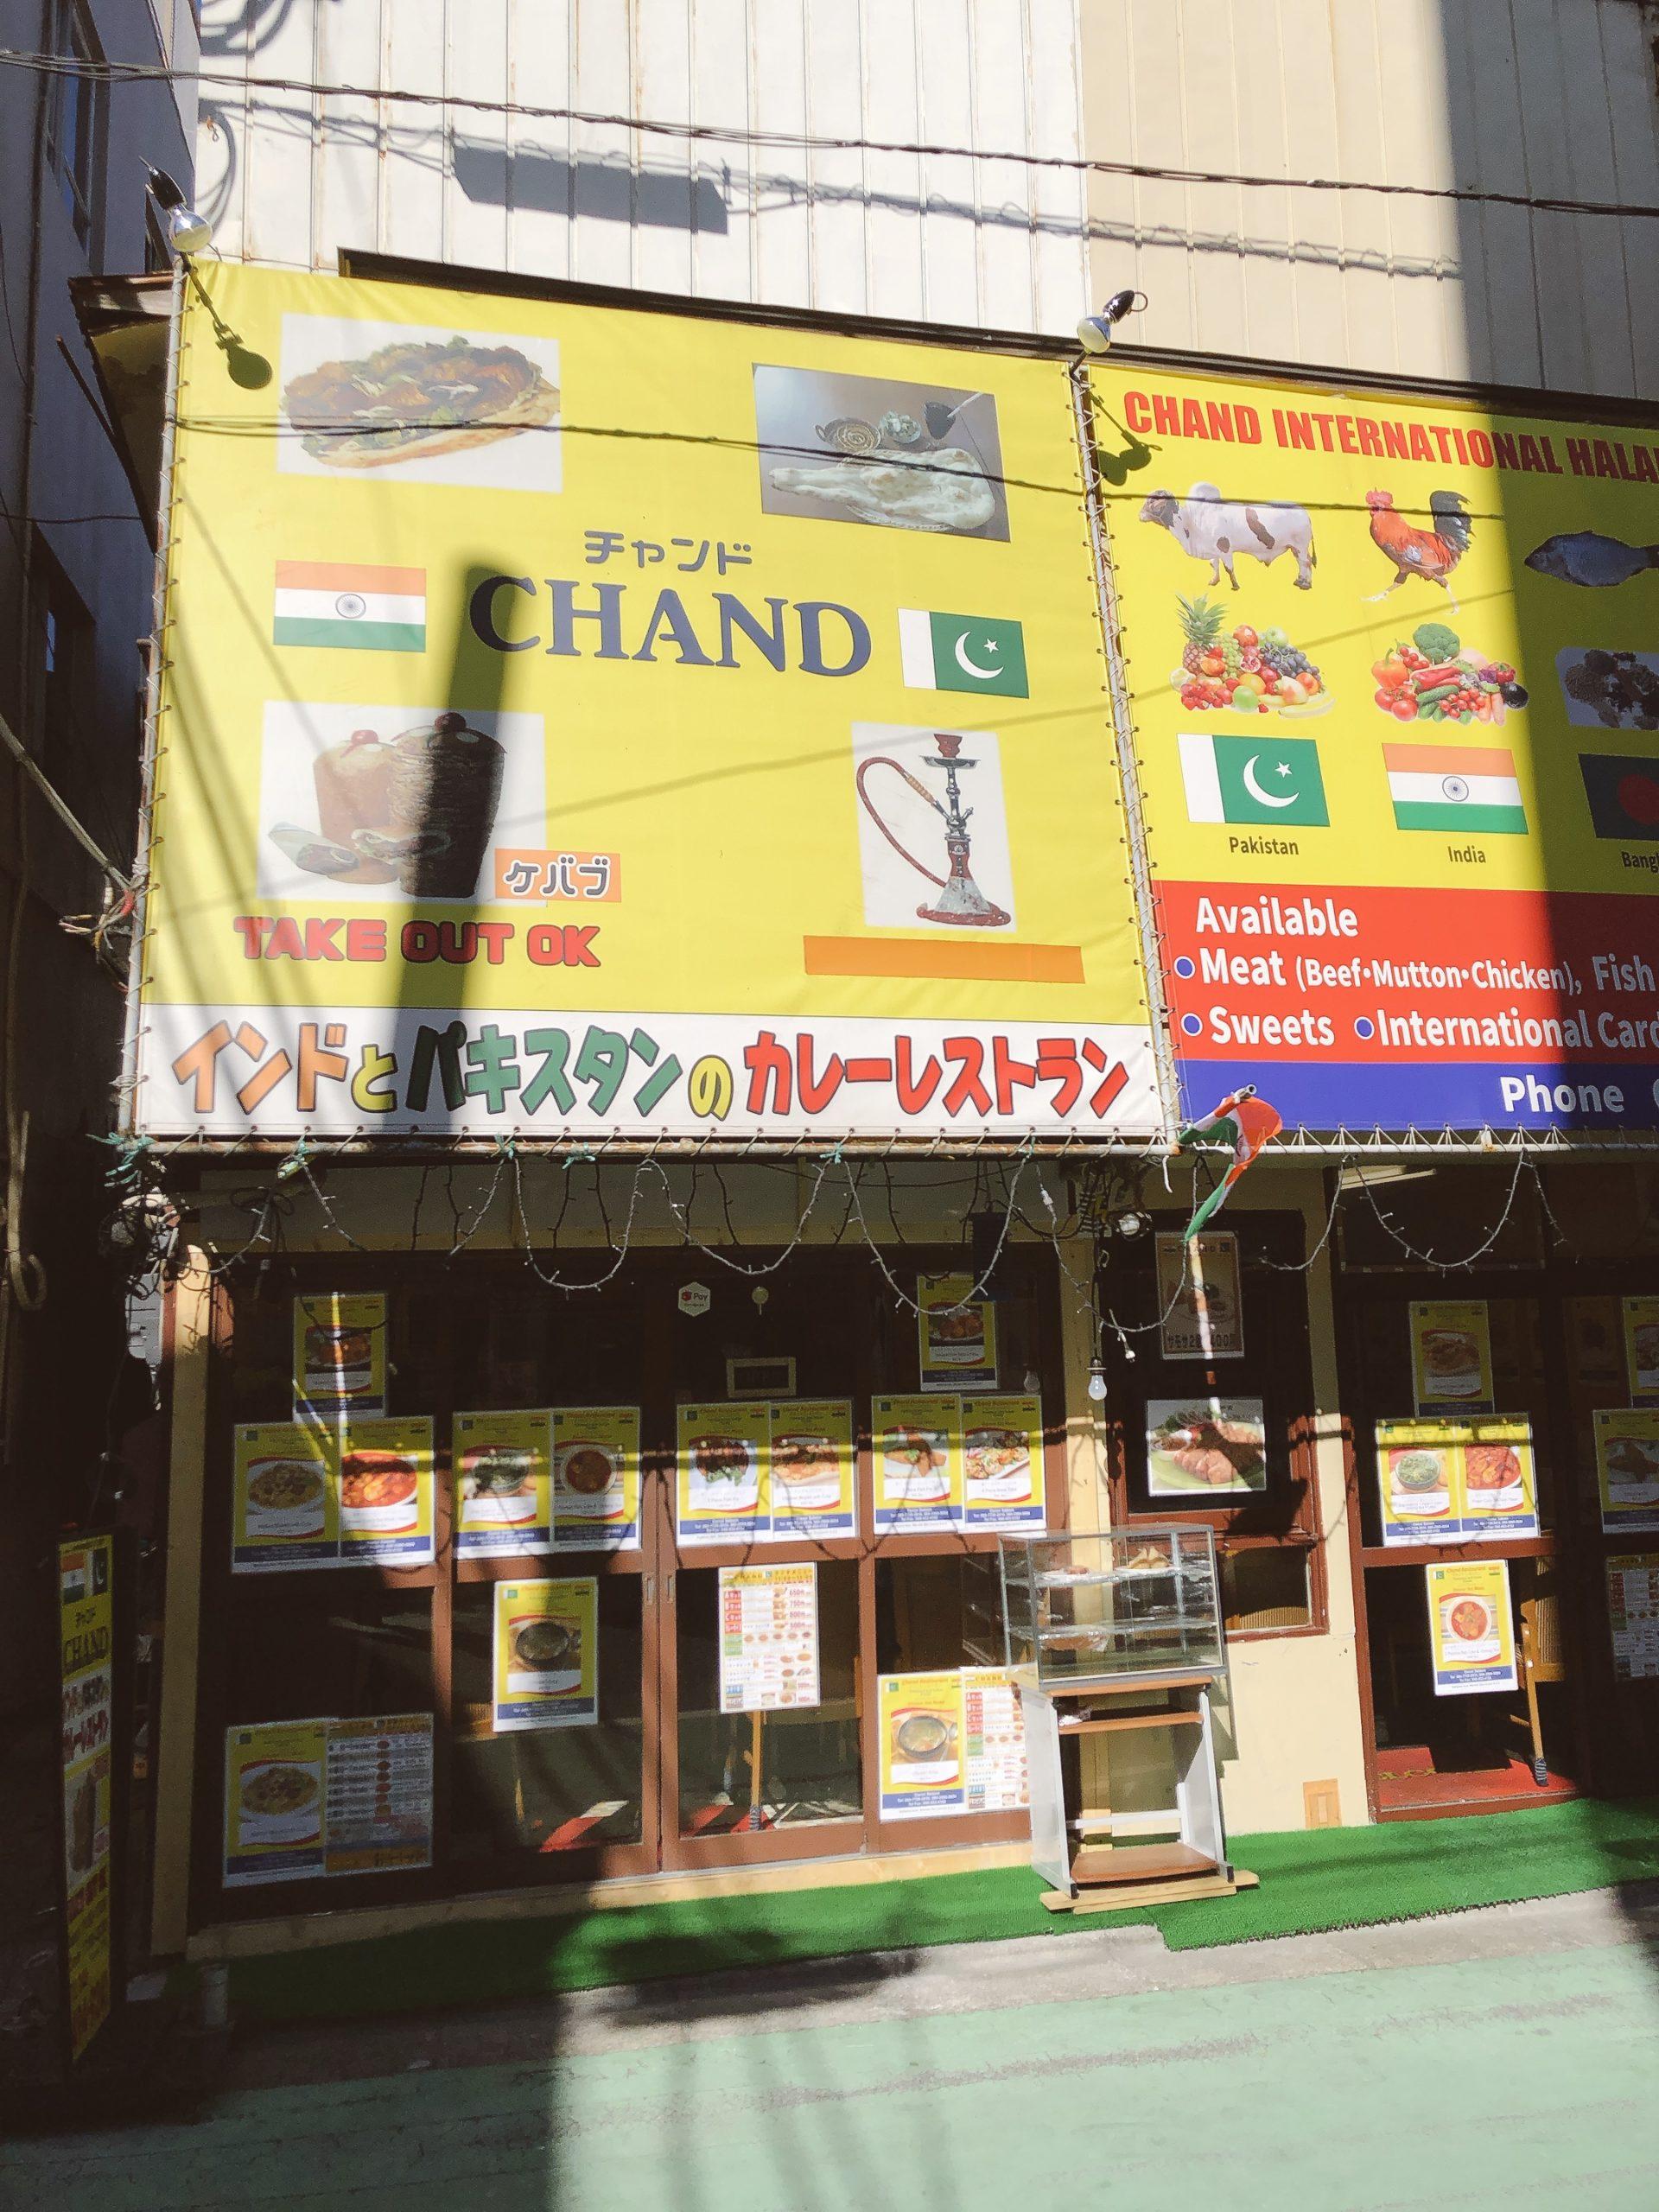 【蕨(わらび)駅】本場のインドカレーとビリヤニを食べるなら『チャンド』